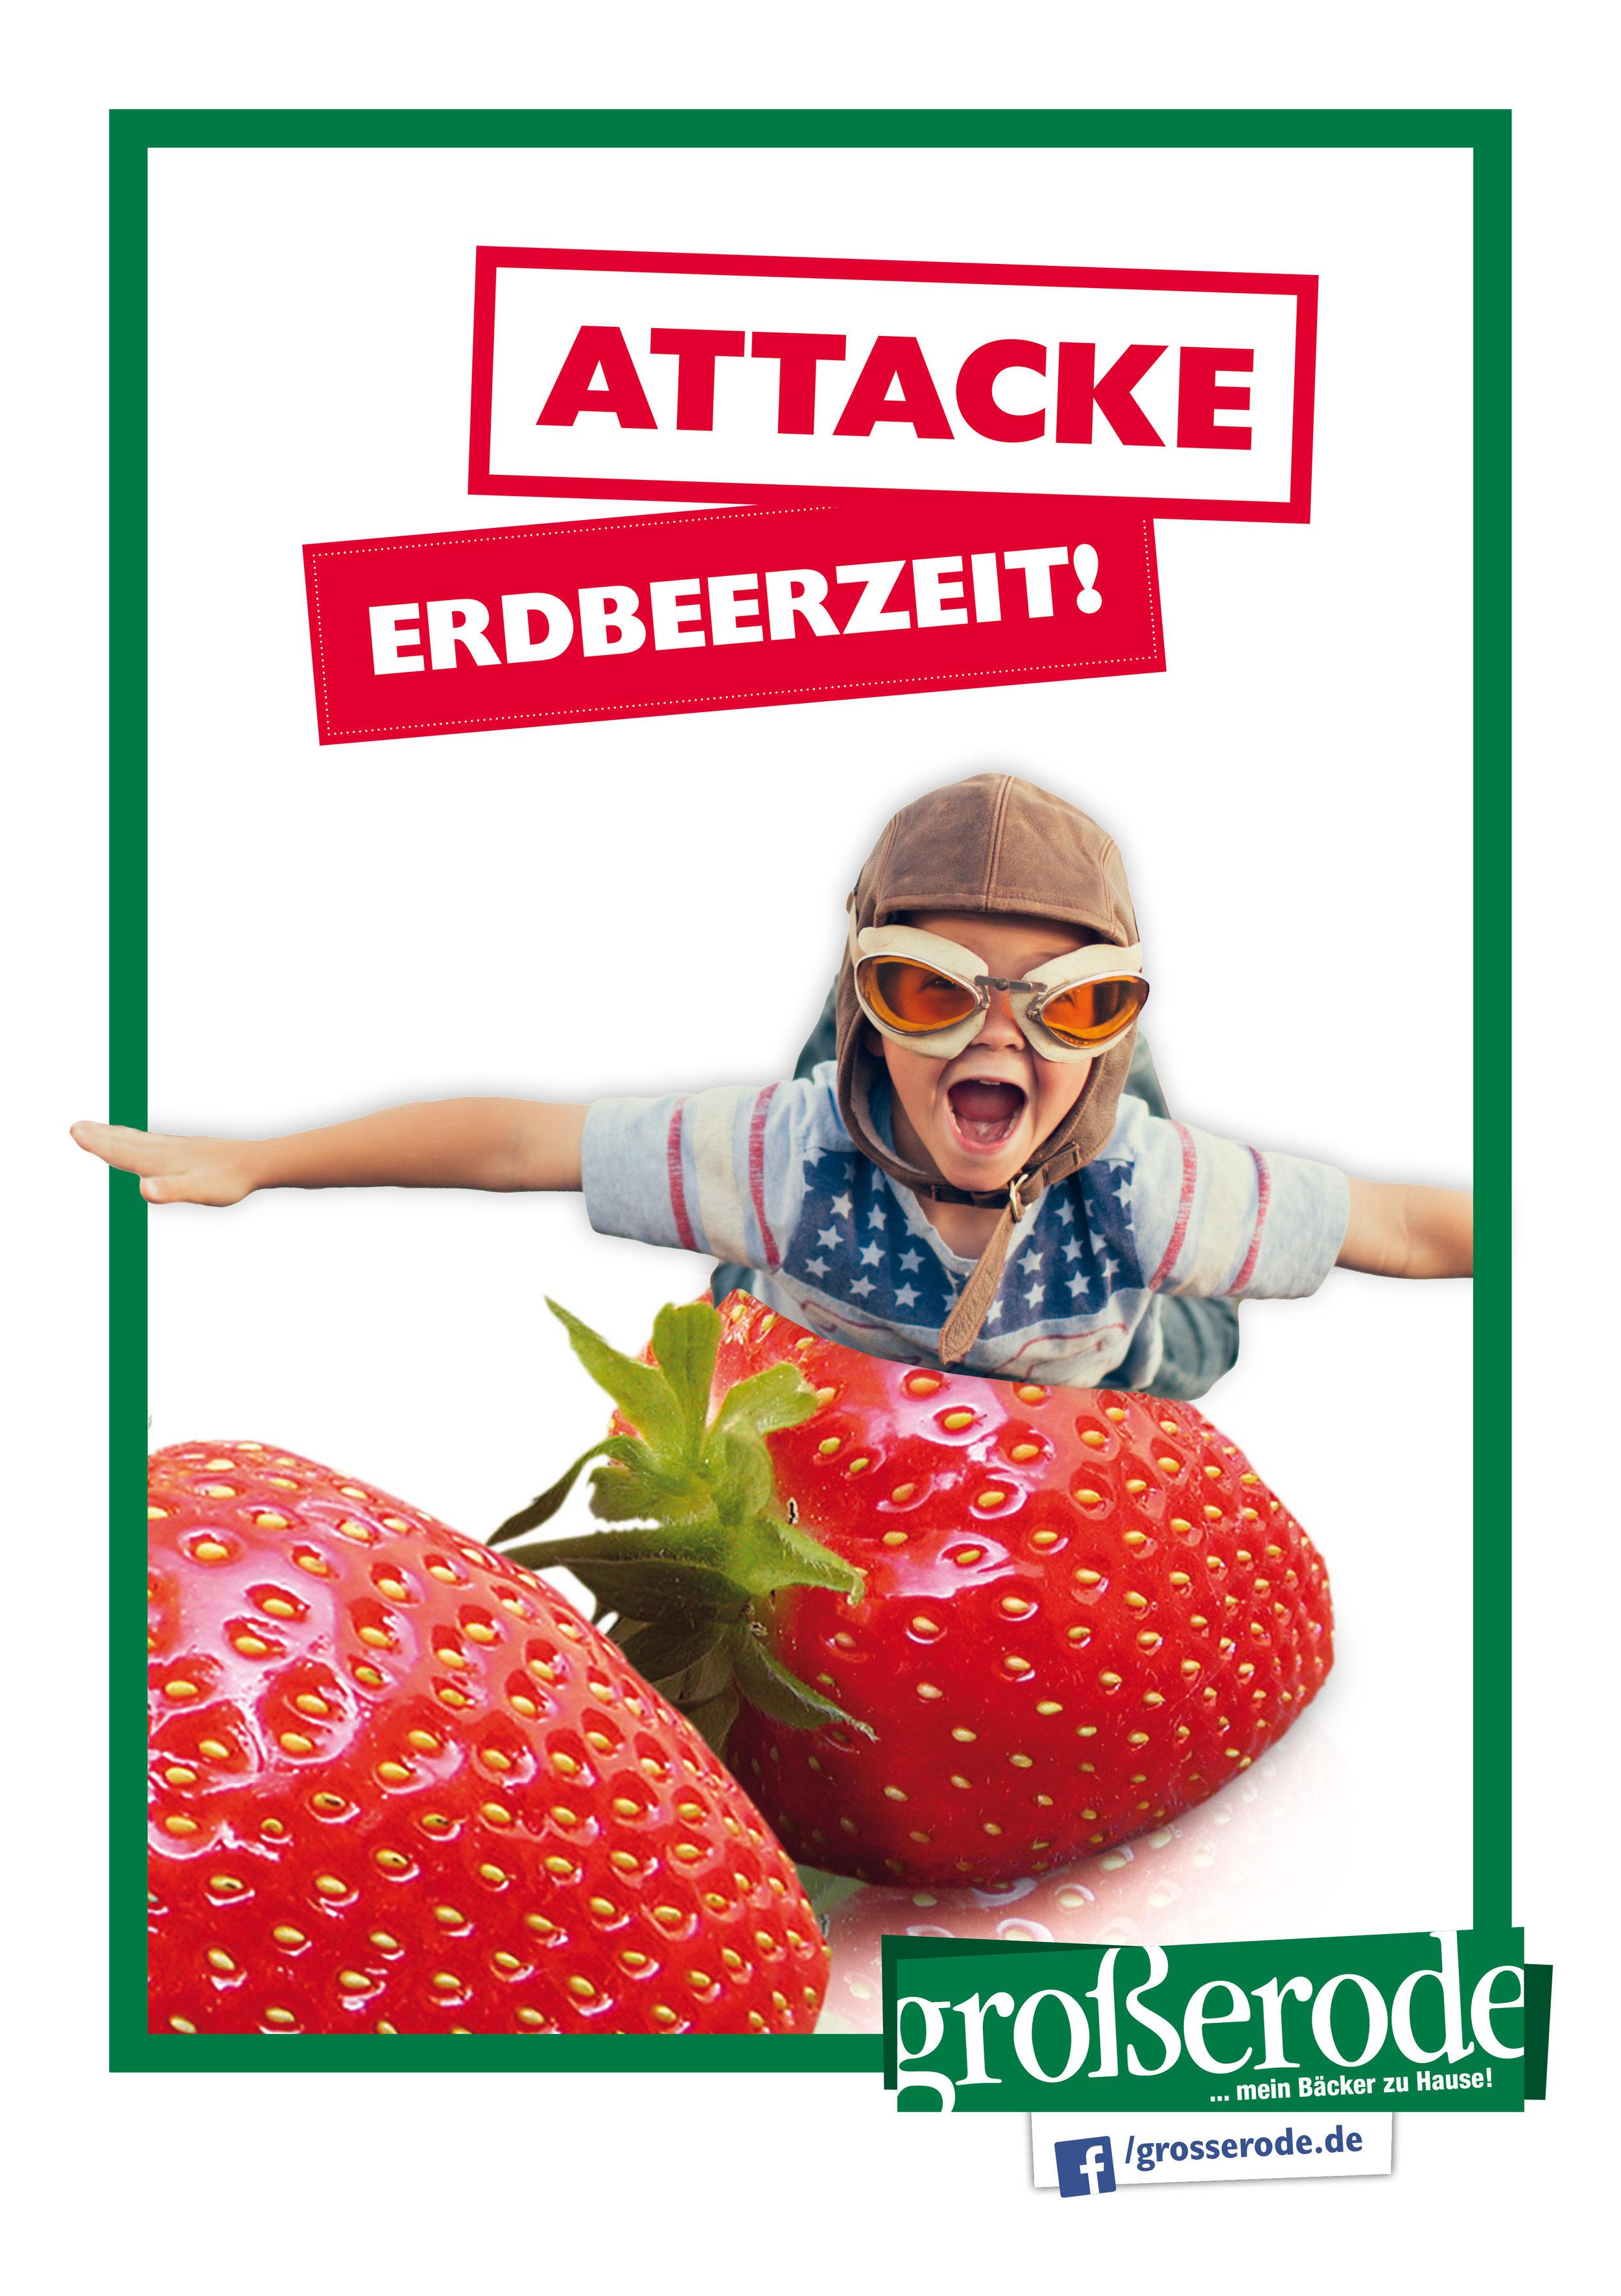 20180412_Grosserode_Erdbeerzeit_Web.jpg